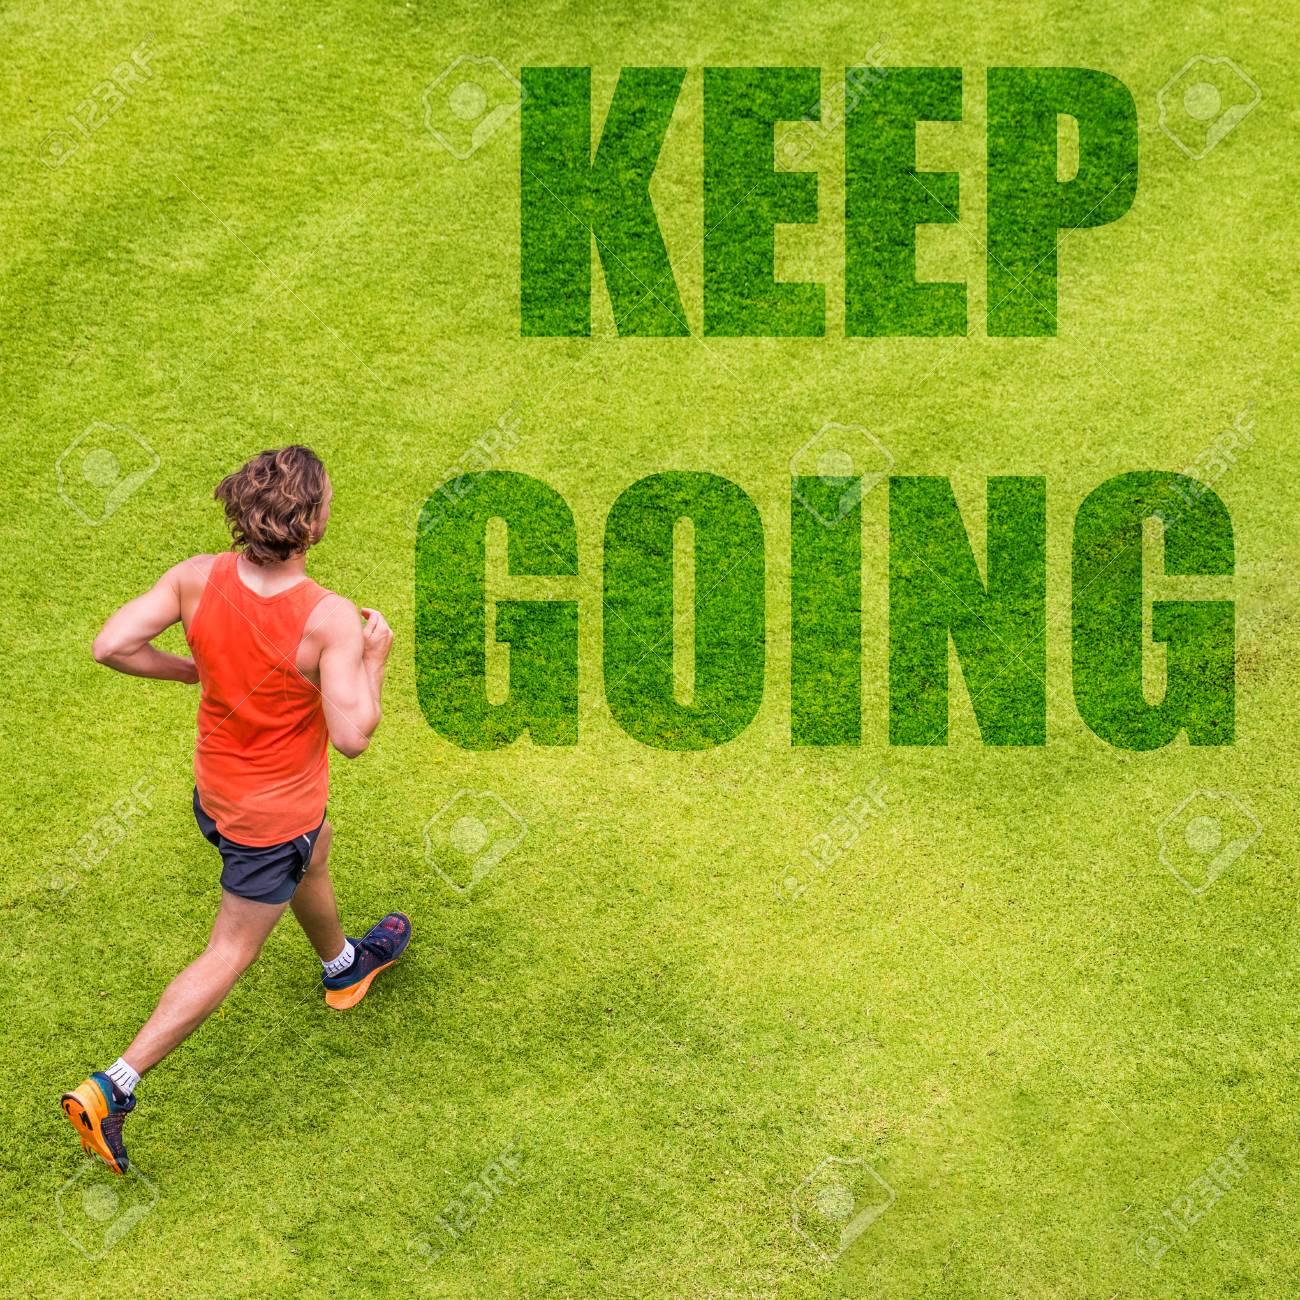 513728355a6 Running fitness inspiration motivation message written on grass texture.  Man runner with text